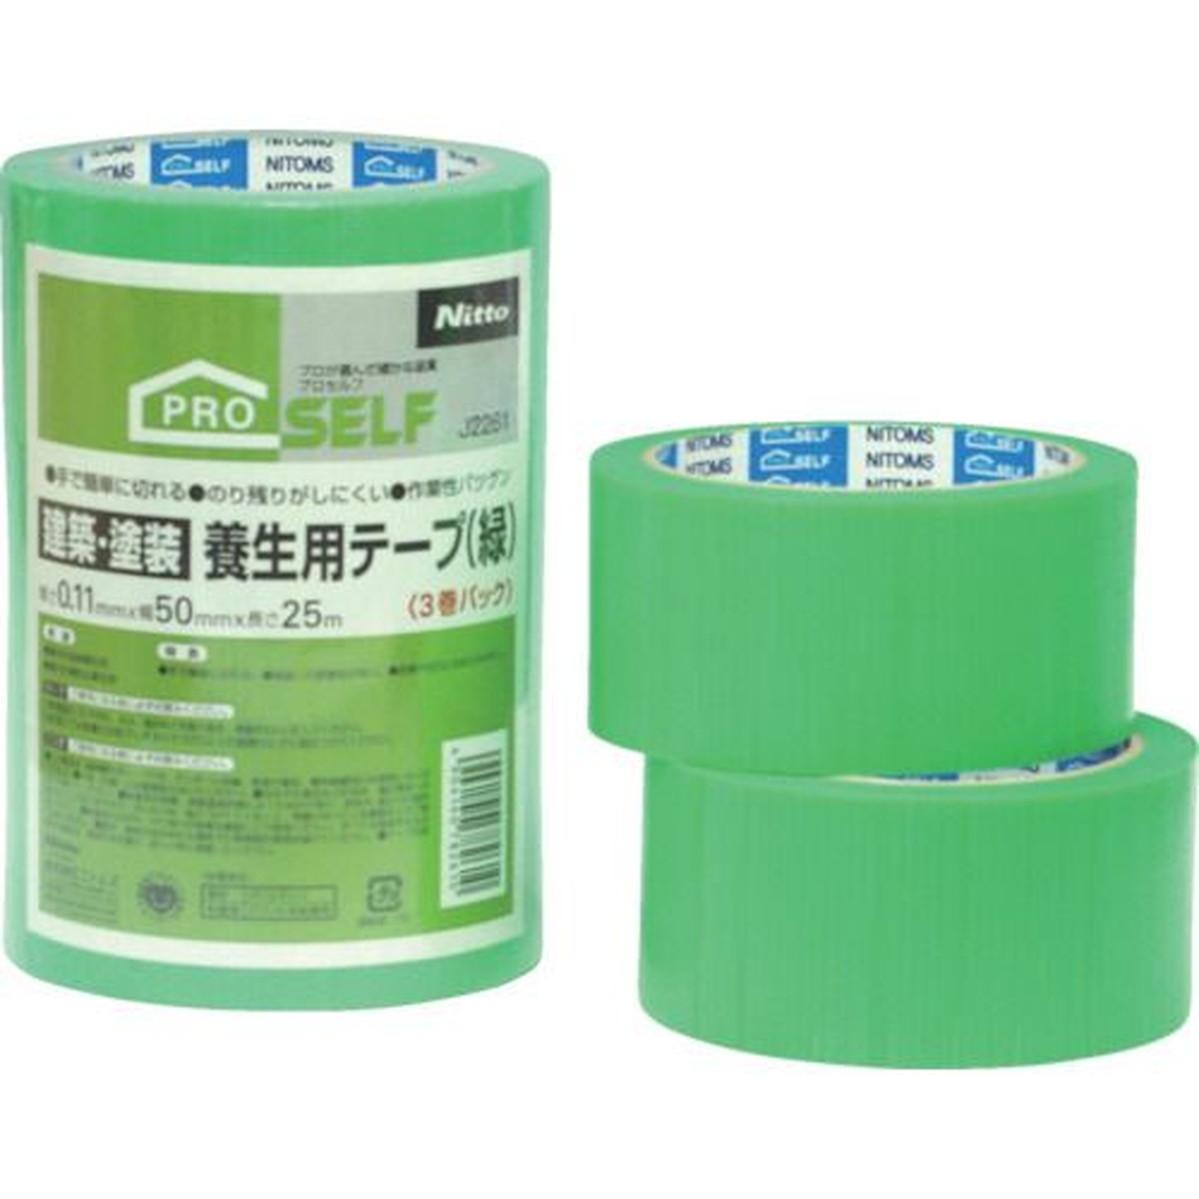 あす楽対応 DIY用品 ニトムズ 建築 塗装養生用テープ 緑 毎週更新 3巻入 1PK 最新 50X25